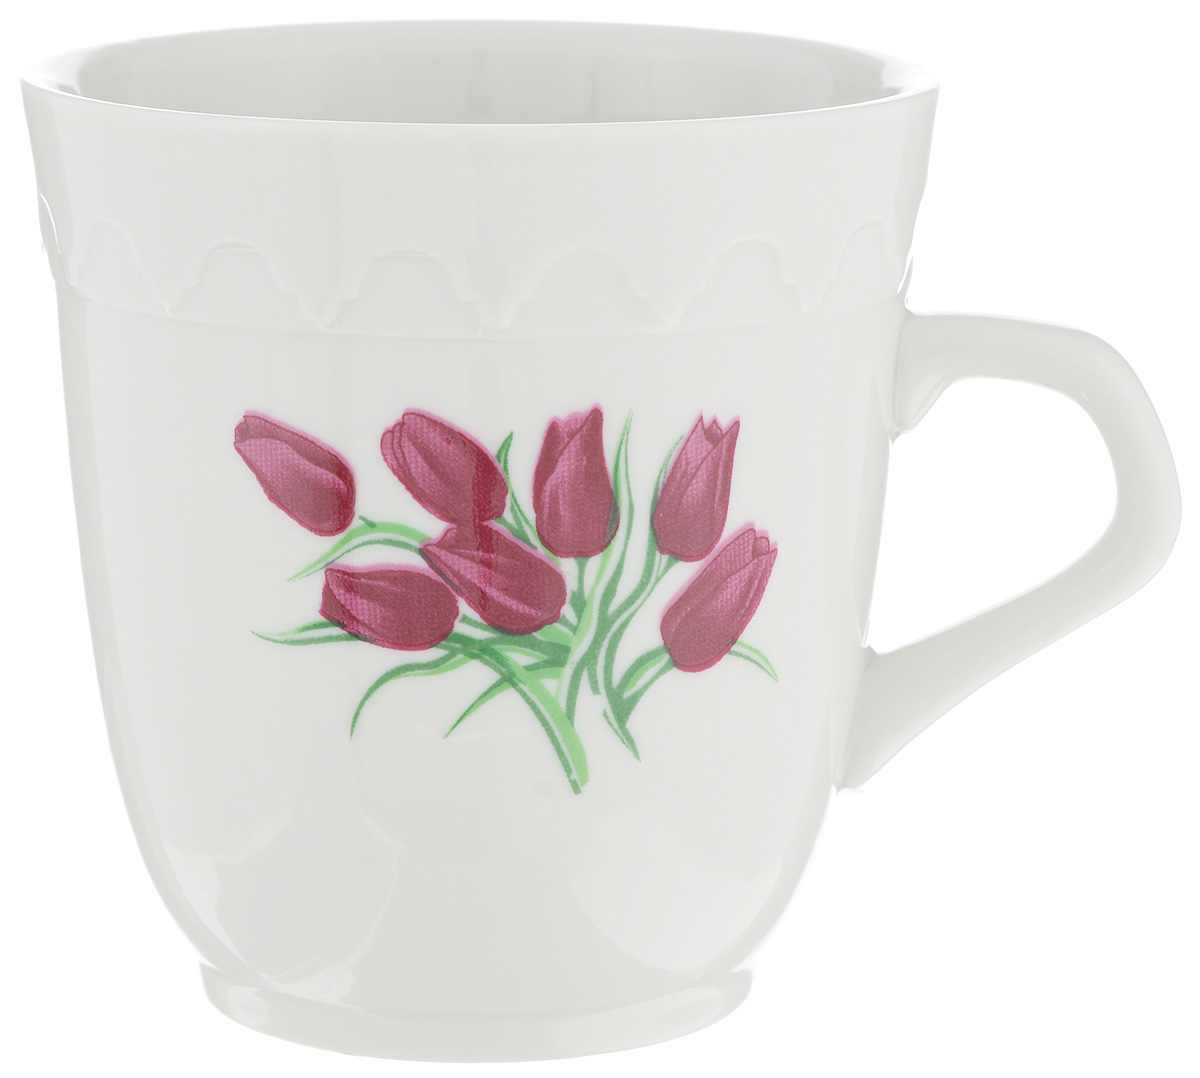 """Кружка Фарфор Вербилок """"Арабеска. Тюльпаны"""" способна  скрасить любое чаепитие. Изделие выполнено из  высококачественного фарфора. Посуда из такого  материала позволяет сохранить истинный вкус напитка, а  также помогает ему дольше оставаться теплым. Диаметр по верхнему краю: 8,3 см. Высота кружки: 9 см."""